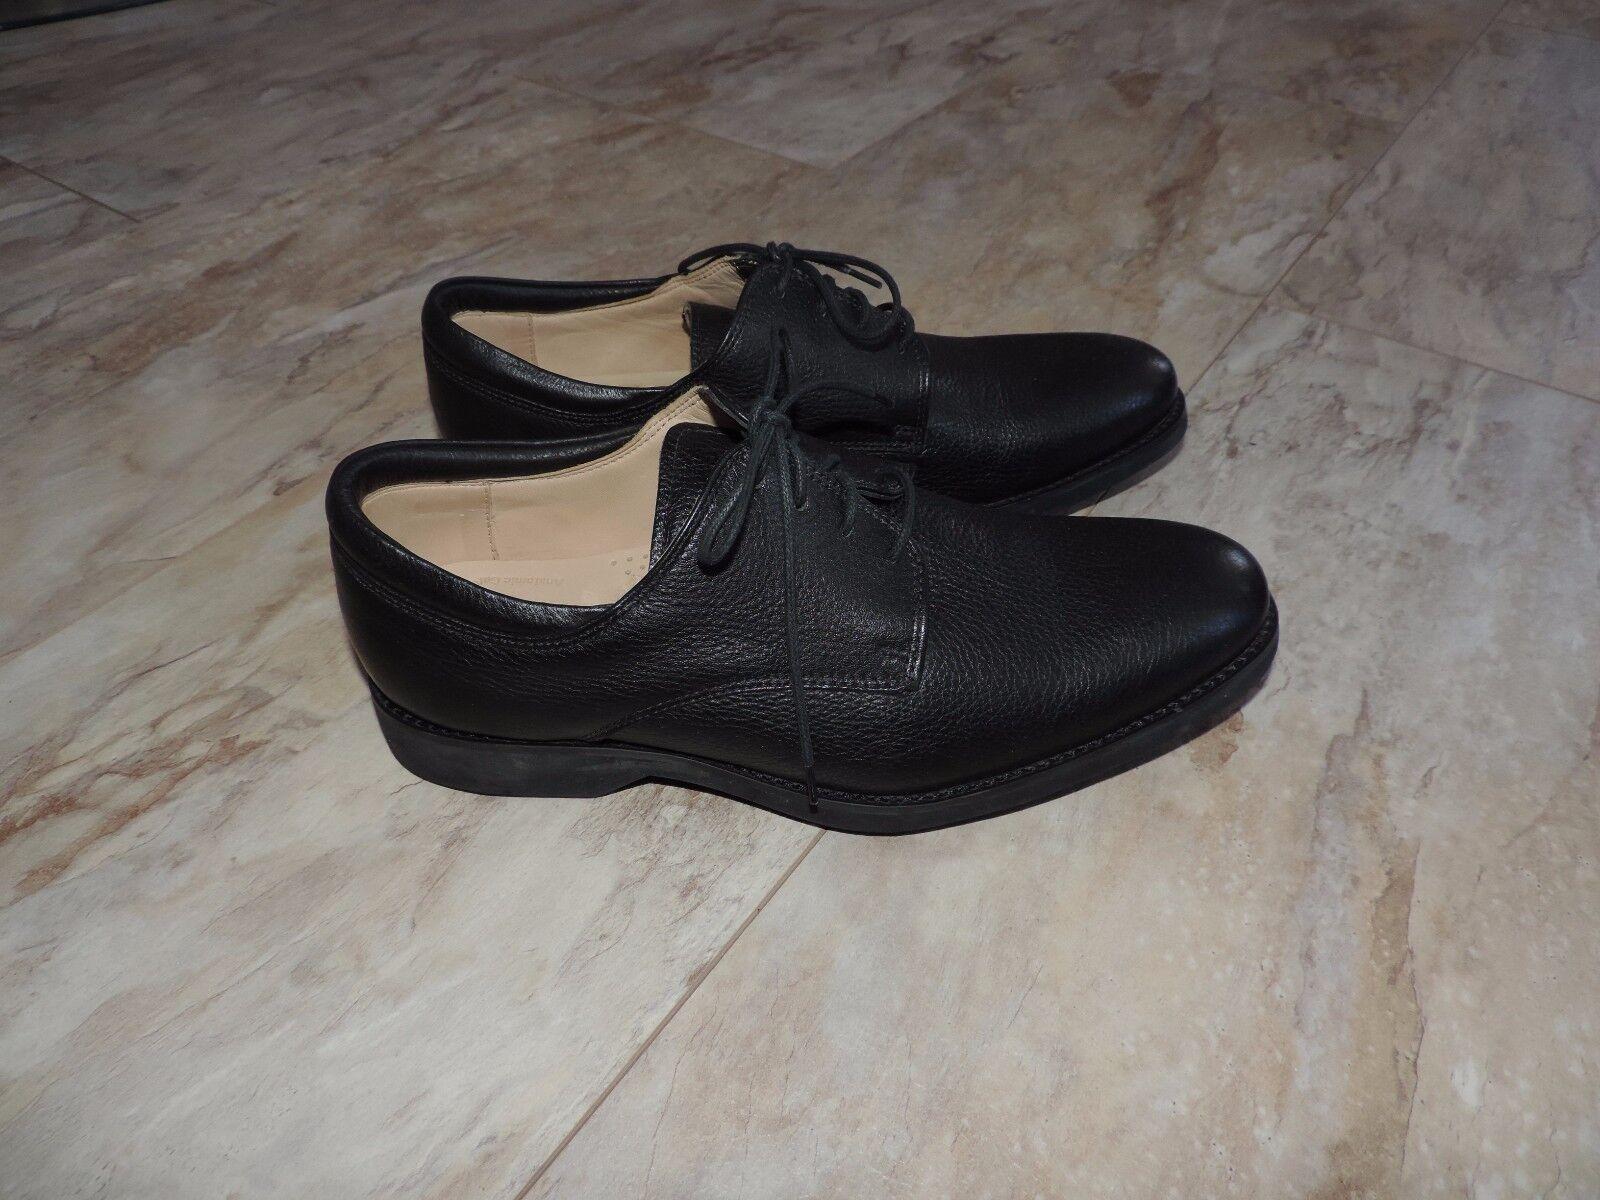 gli ultimi modelli Anatomic & Co scarpe nero Lusso Scarpe da da da Uomo EUR 42  vendite dirette della fabbrica